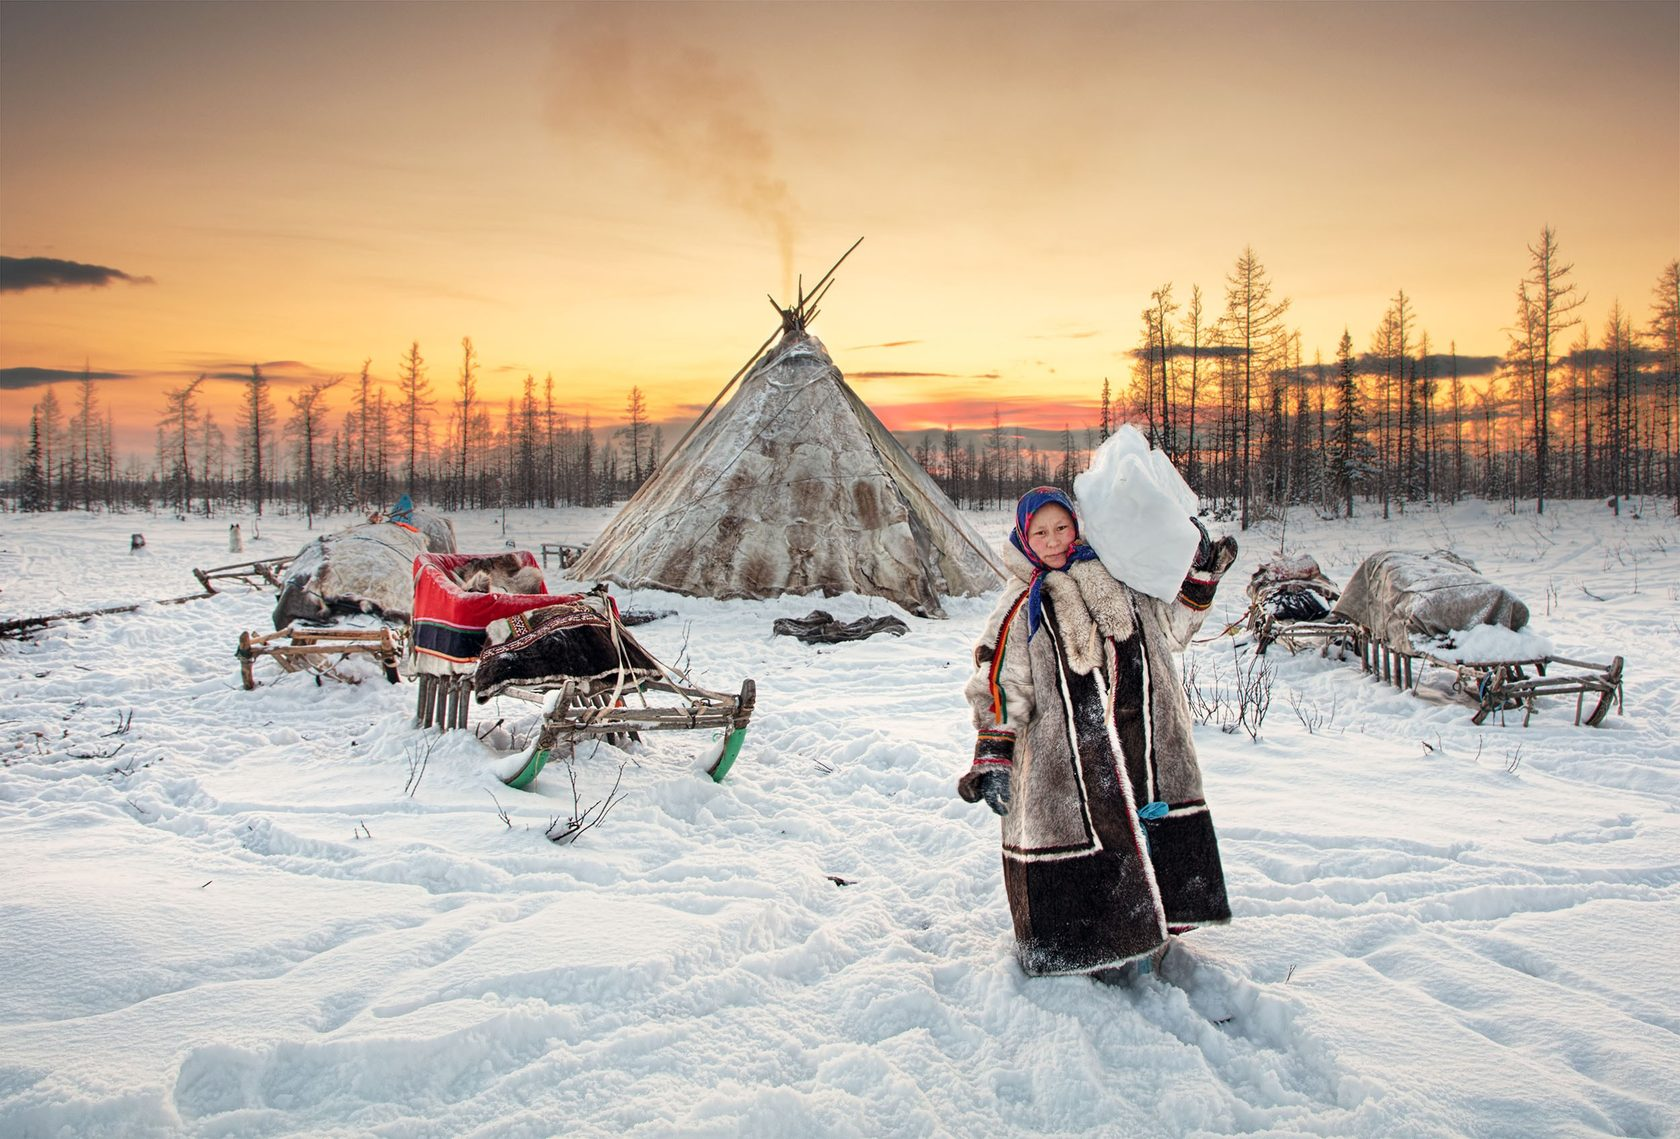 фото и жизнь людей крайнего севера домов